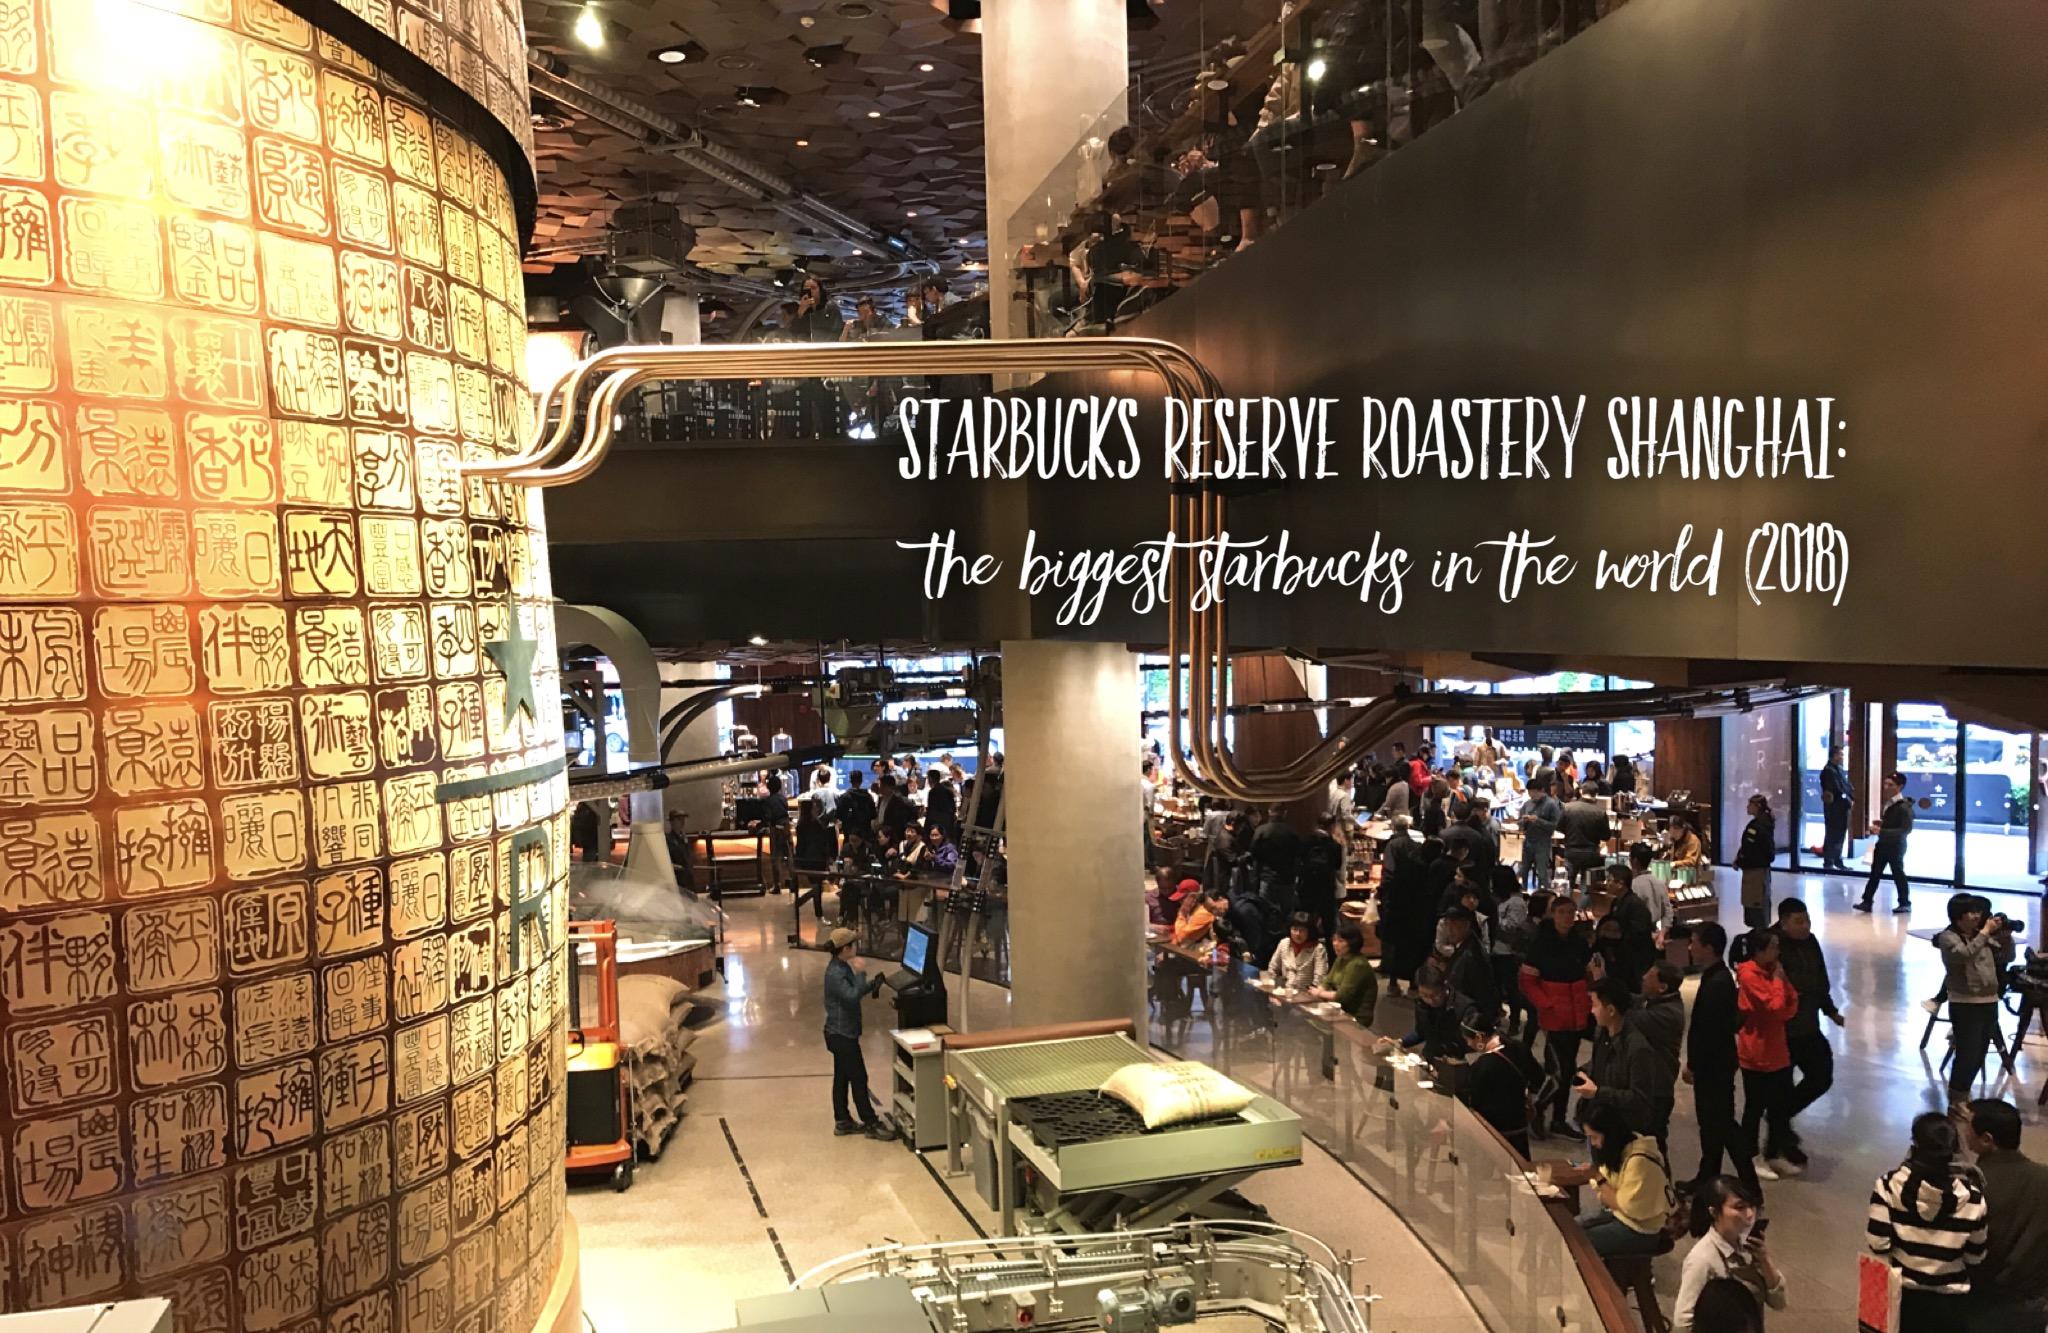 Starbucks Reserve Roastery Shanghai: The Biggest Starbucks